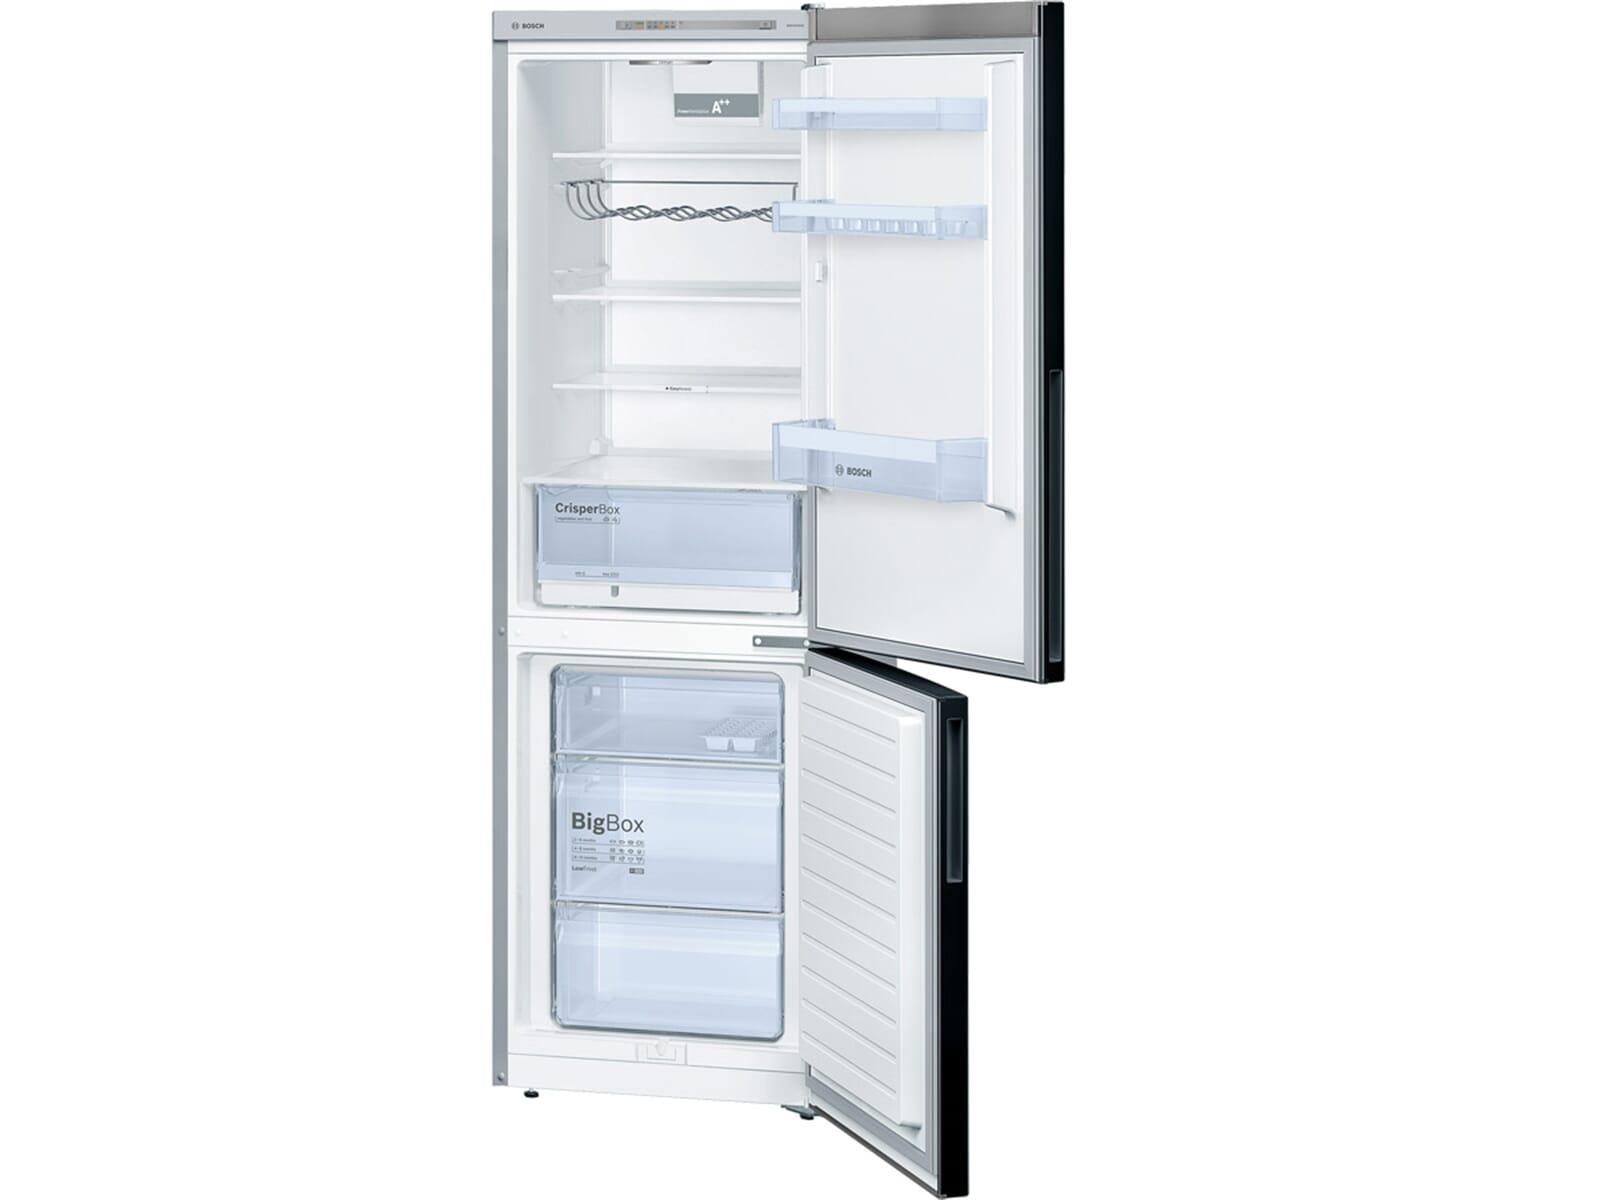 Bosch Kühlschrank Gefrierkombination : Kühl gefrierkombination schwarz siemens kg fsb kühl